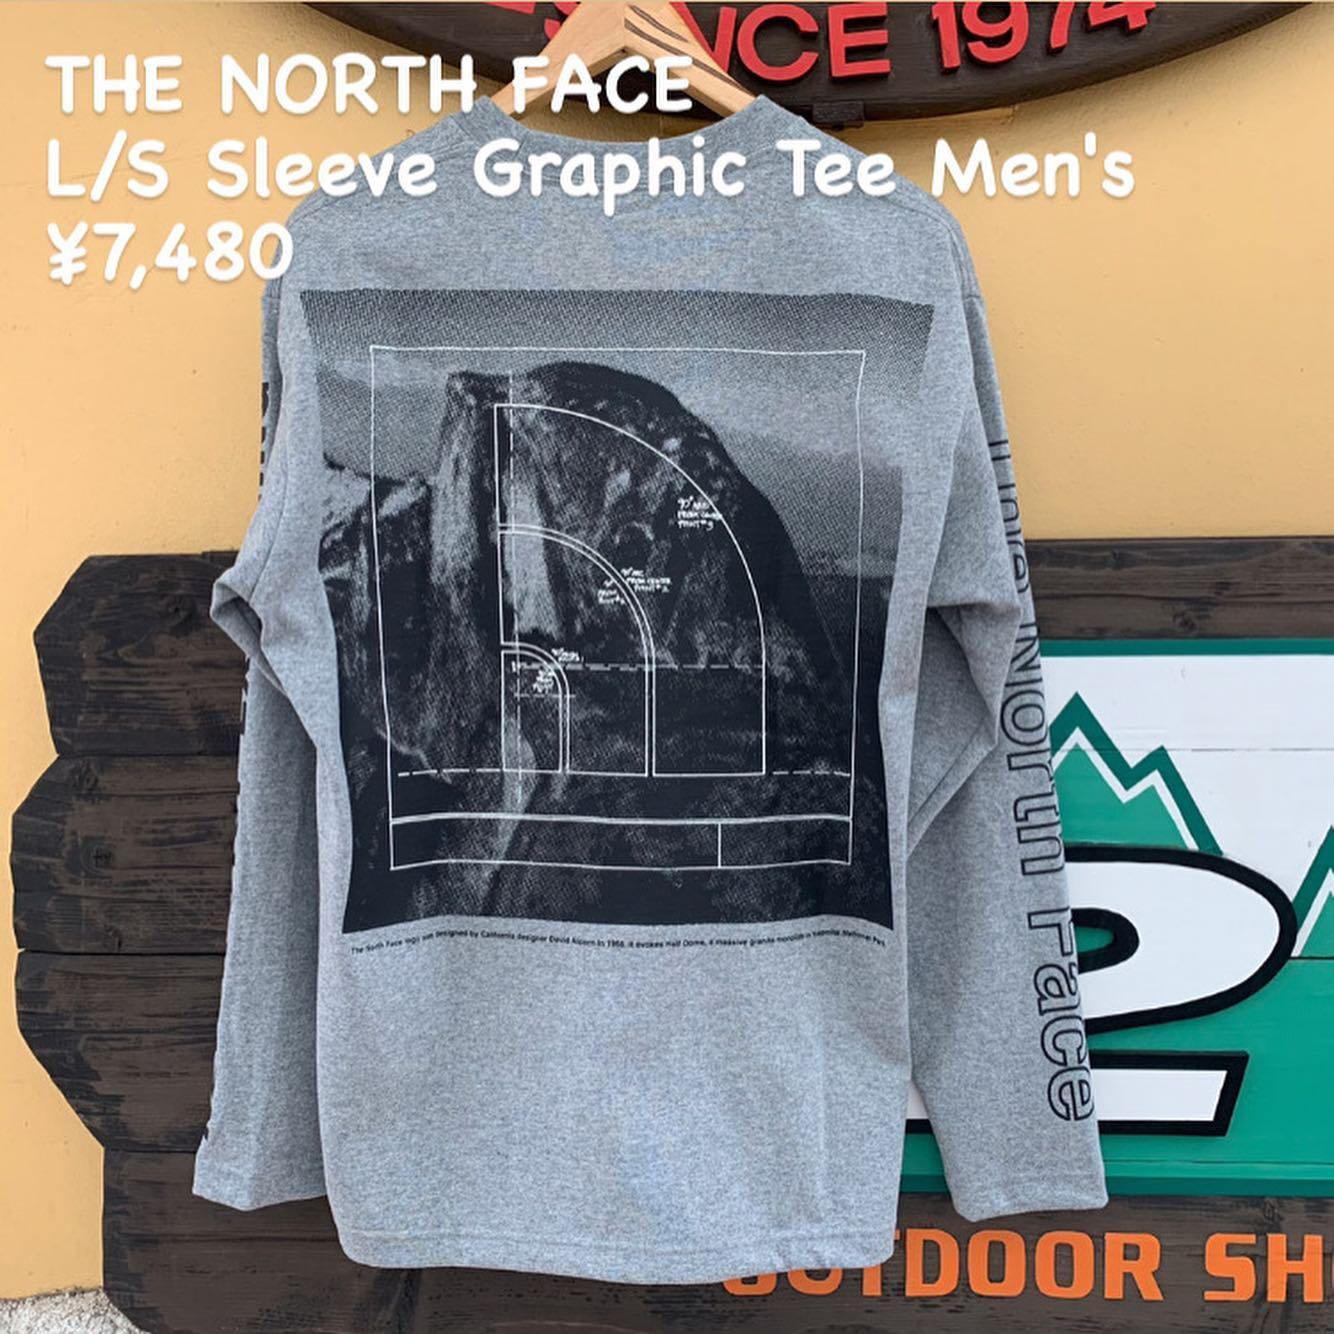 THE NORTH FACE ロングスリーブスリーブグラフィックティー メンズのご紹介